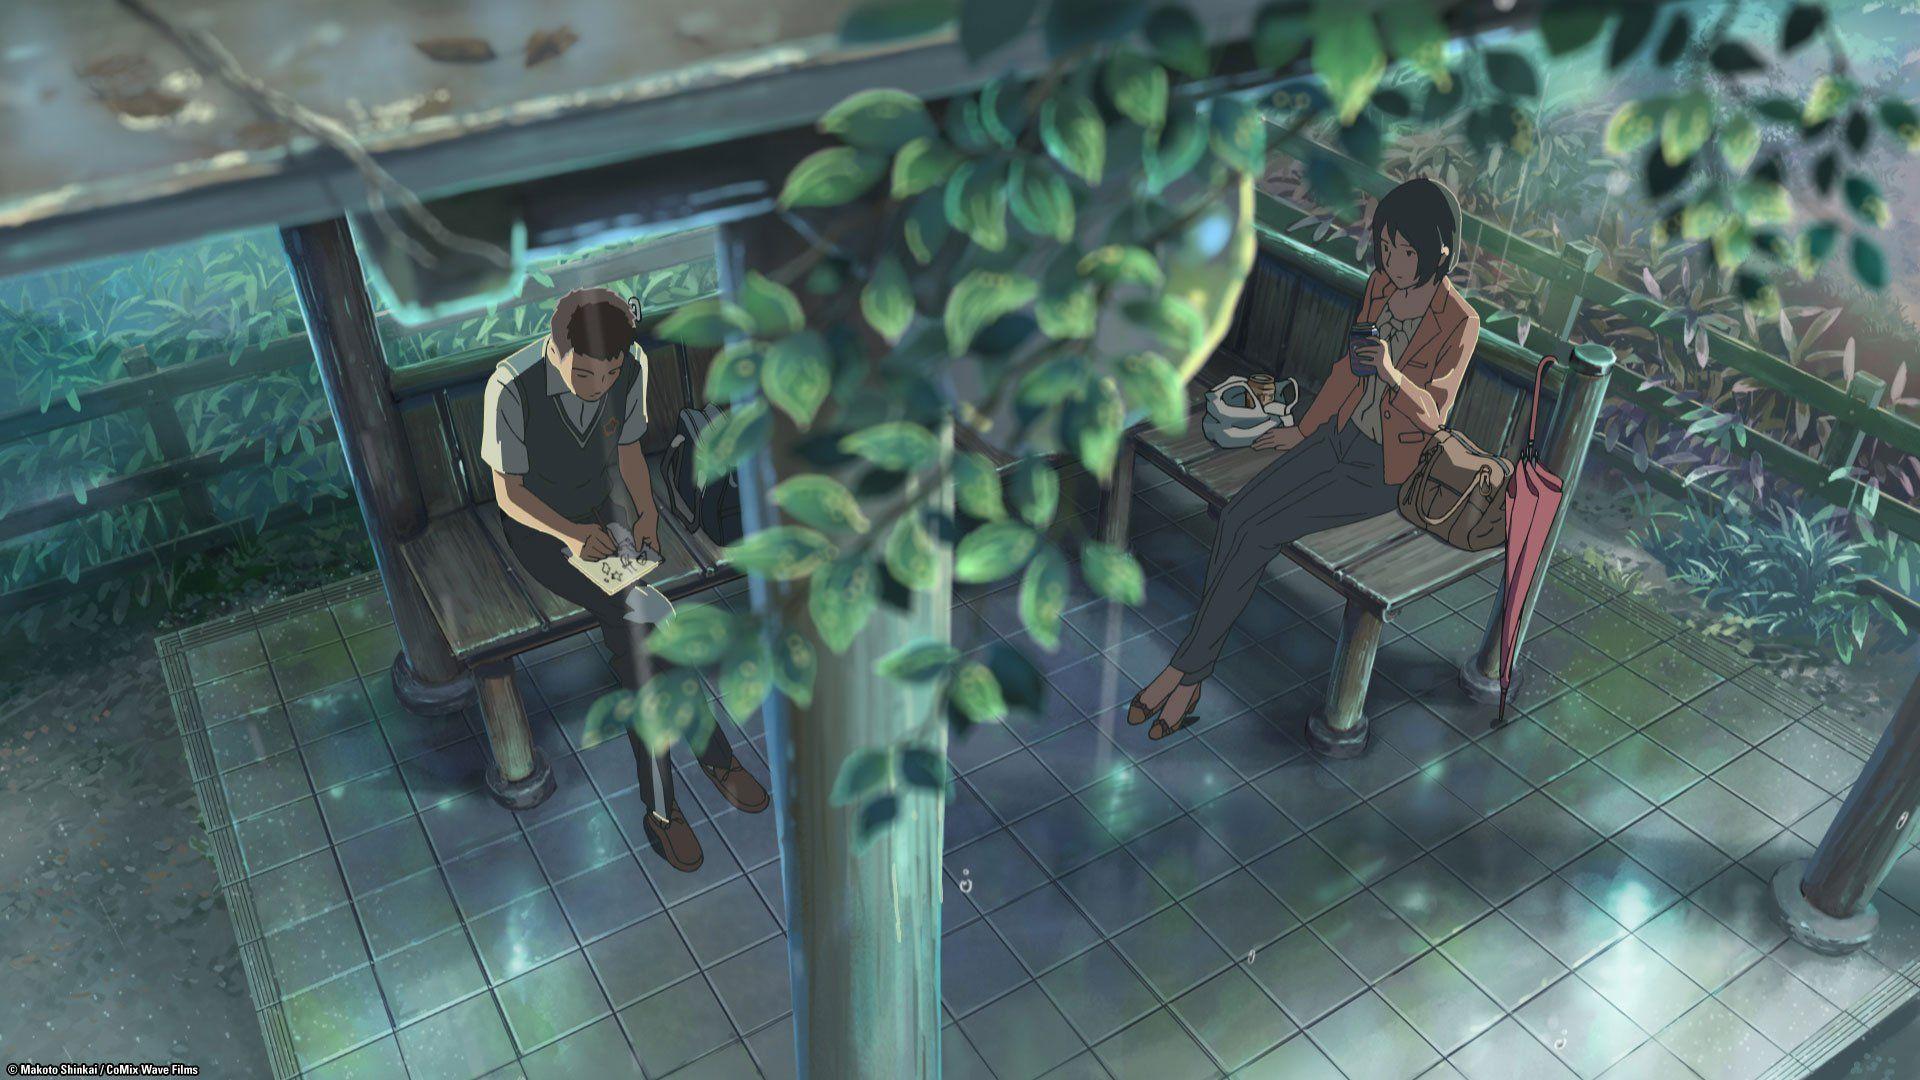 Kotonoha No Niwa The Garden Of Words Reino Unido Blu Ray Reino The Garden Of Words Ray Blu Jardin De Las Palabras Anime Romance Fondo De Anime